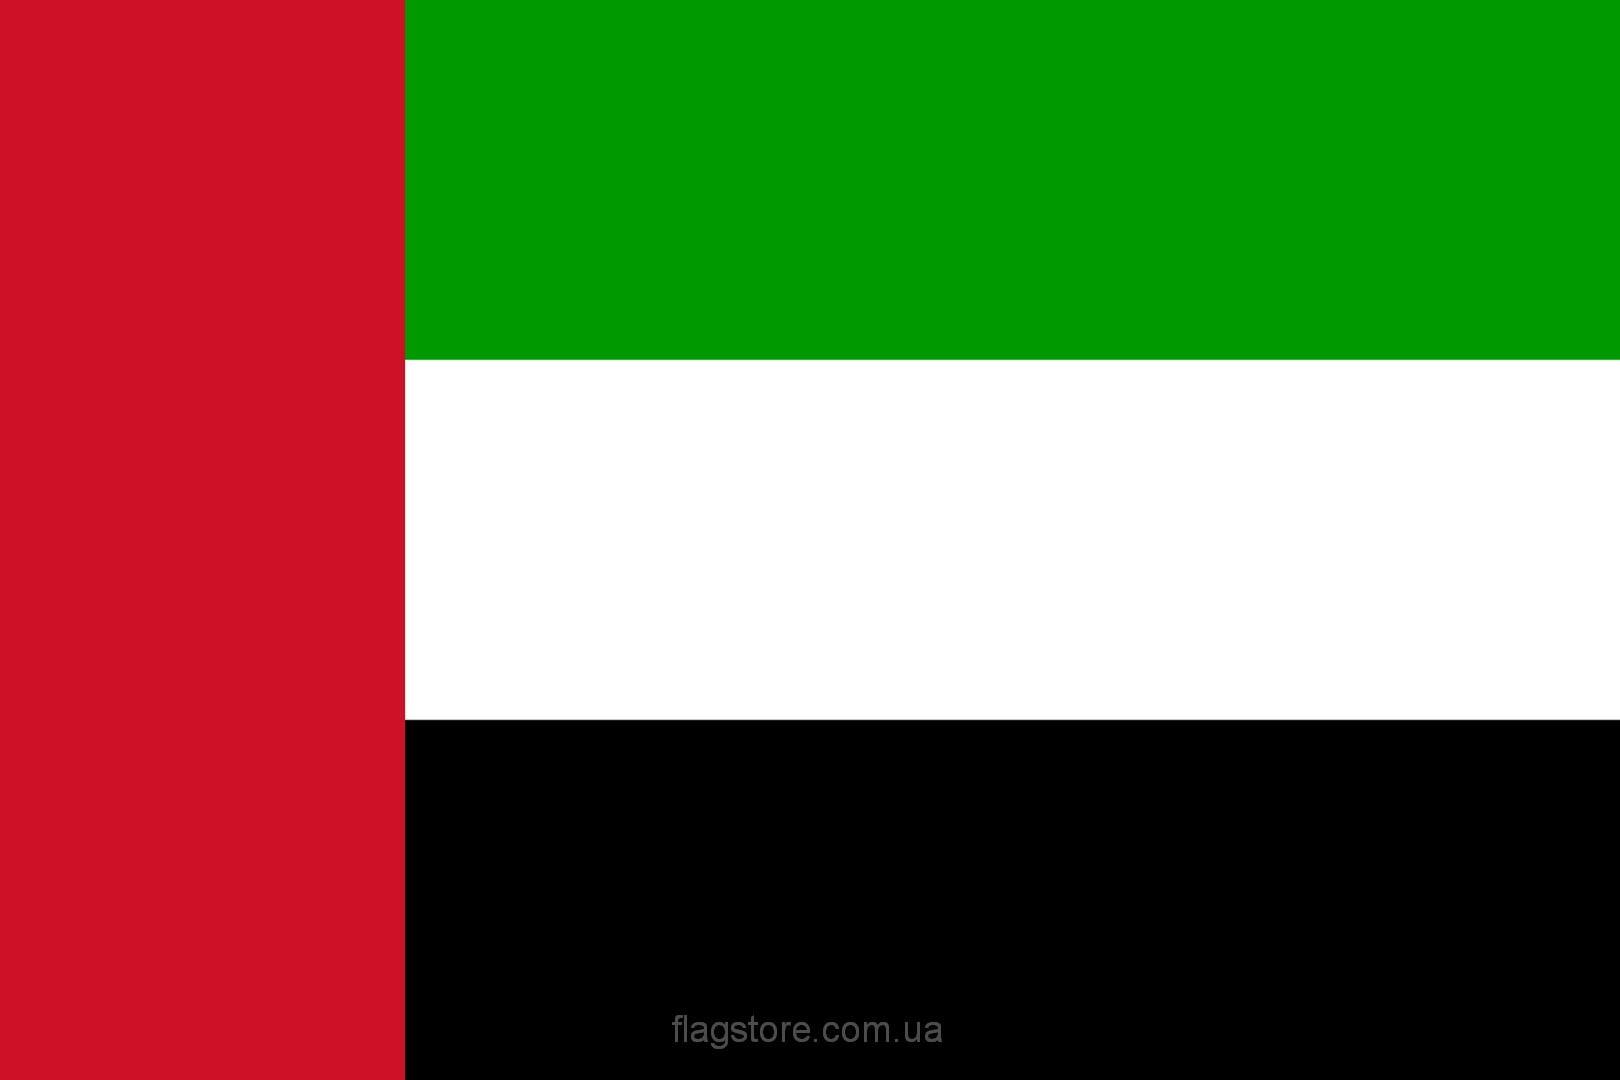 Купить флаг оаэ (страны Объединённые Арабские Эмираты)